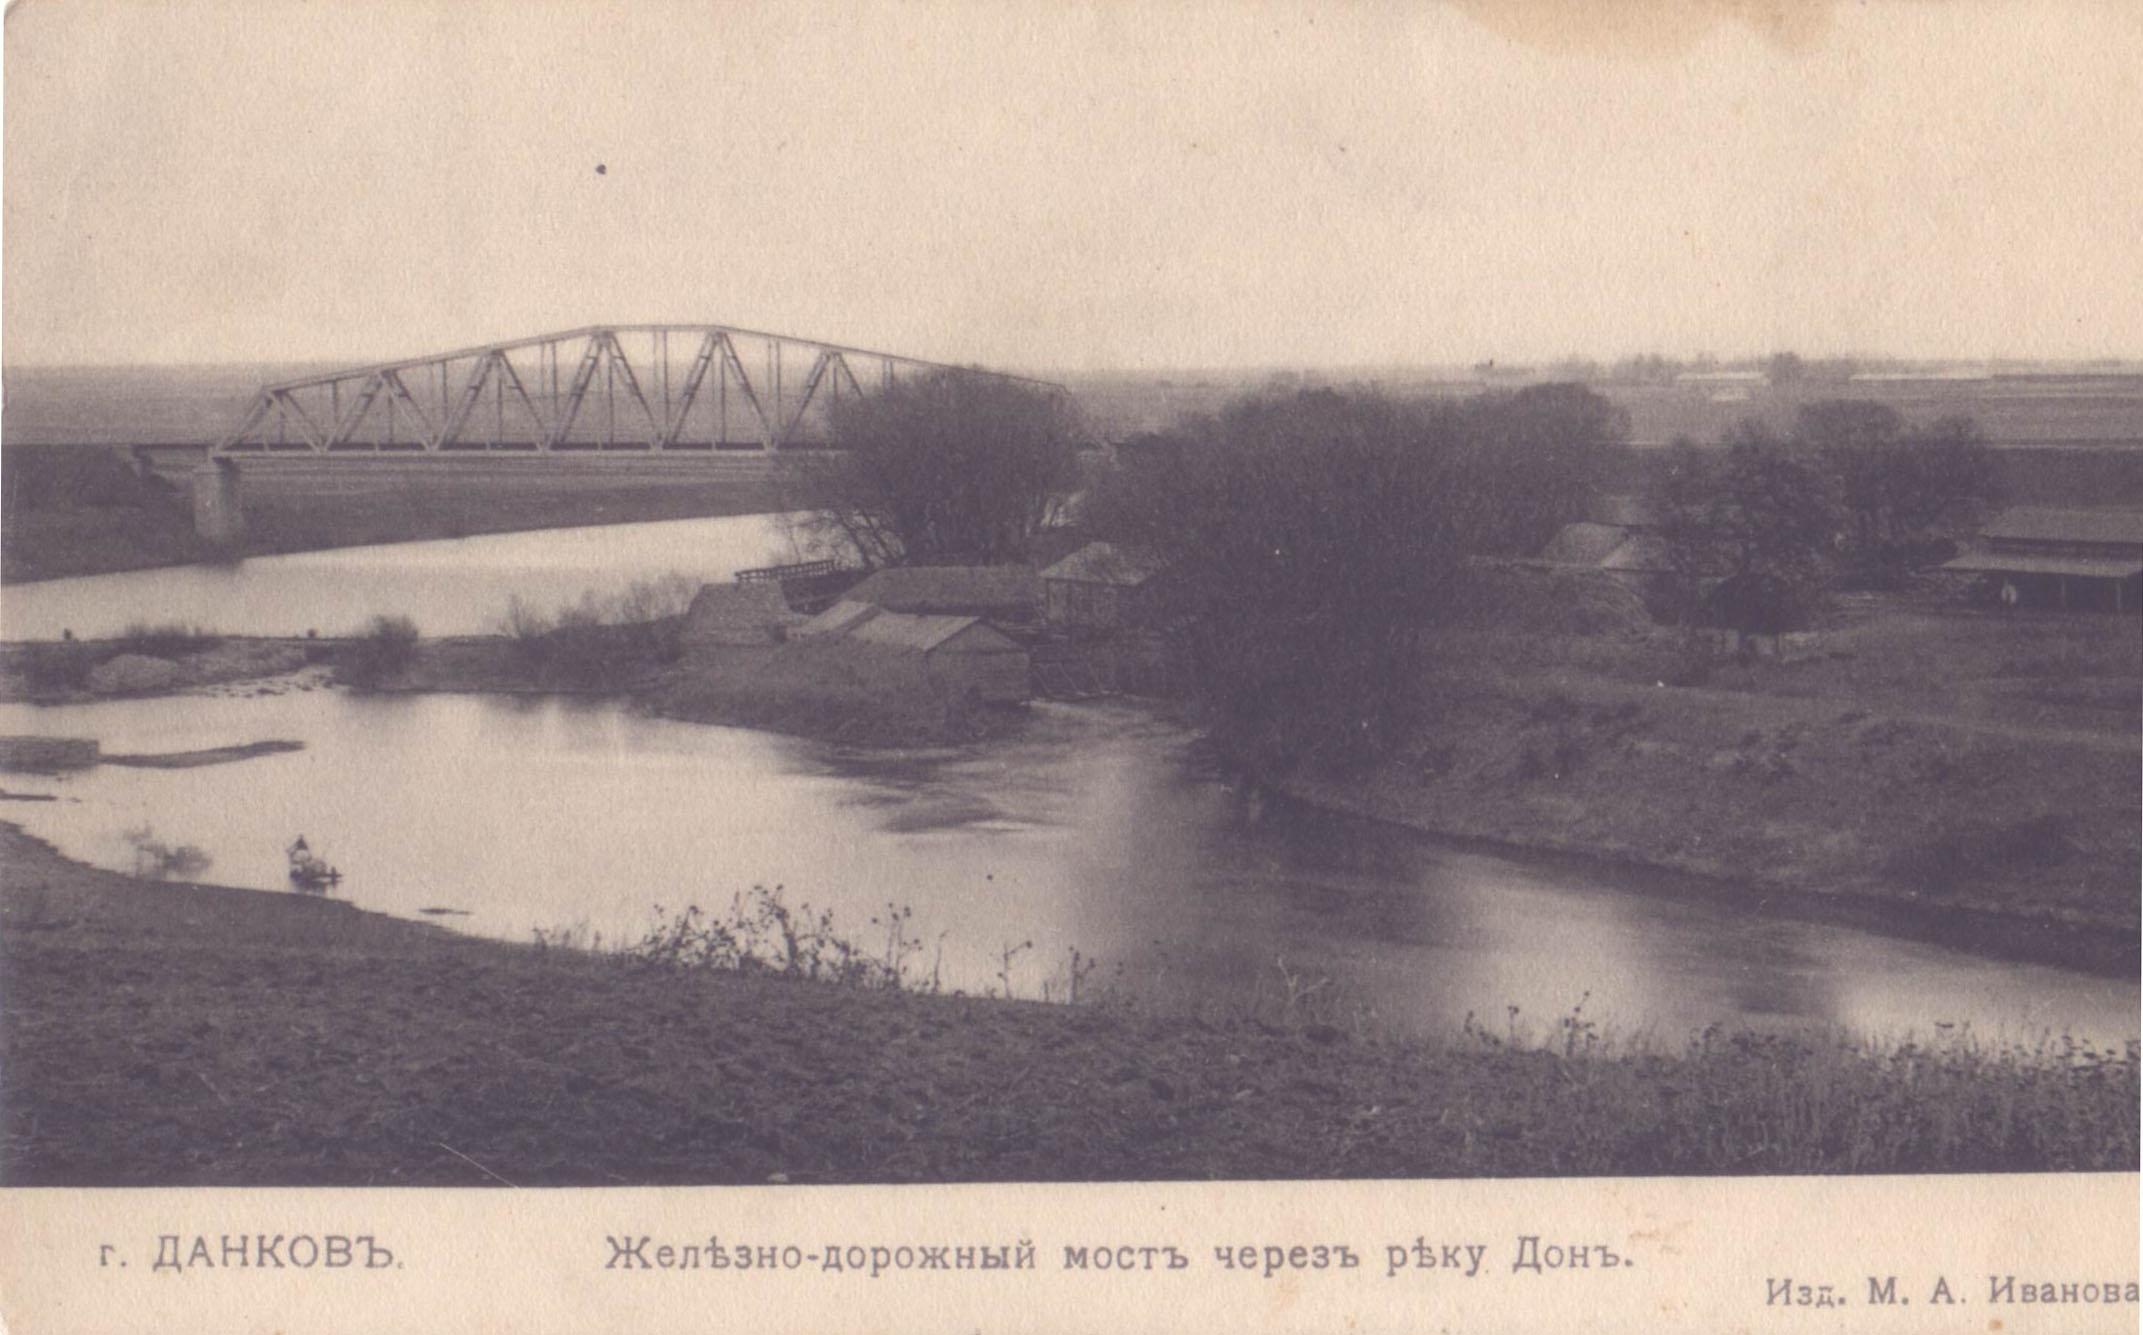 Железнодорожный мост через реку Дон